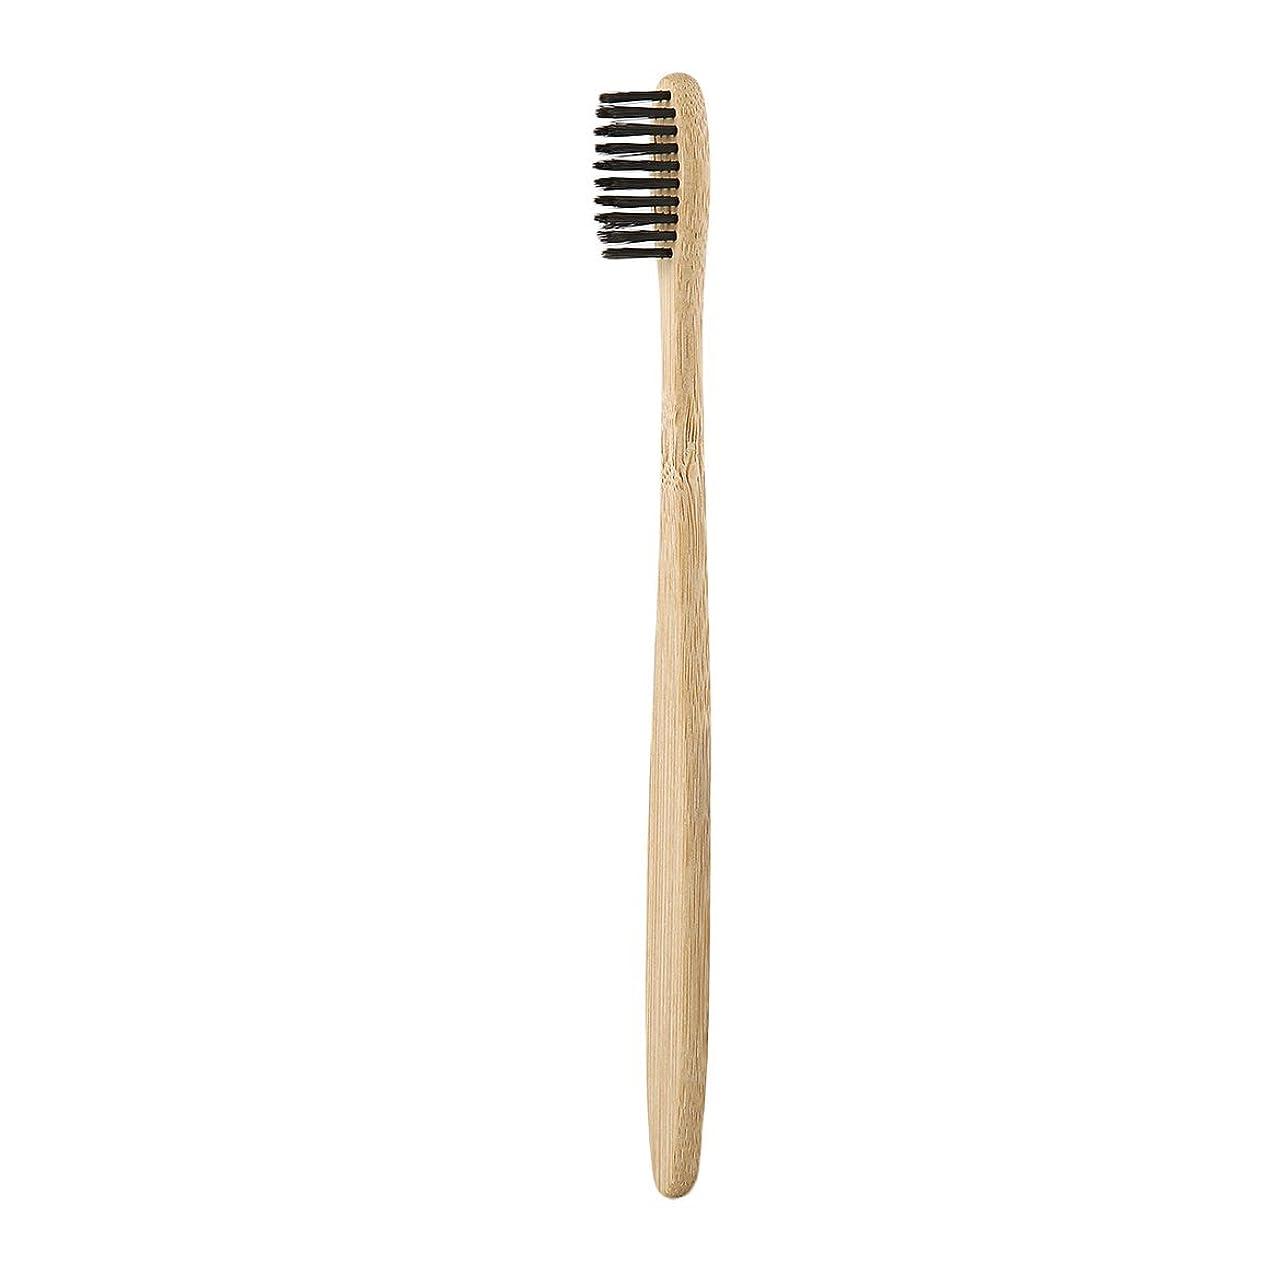 イーウェル提案するクライマックス手作りの快適な環境に優しい環境歯ブラシ竹ハンドル歯ブラシ炭毛健康オーラルケア-ウッドカラー